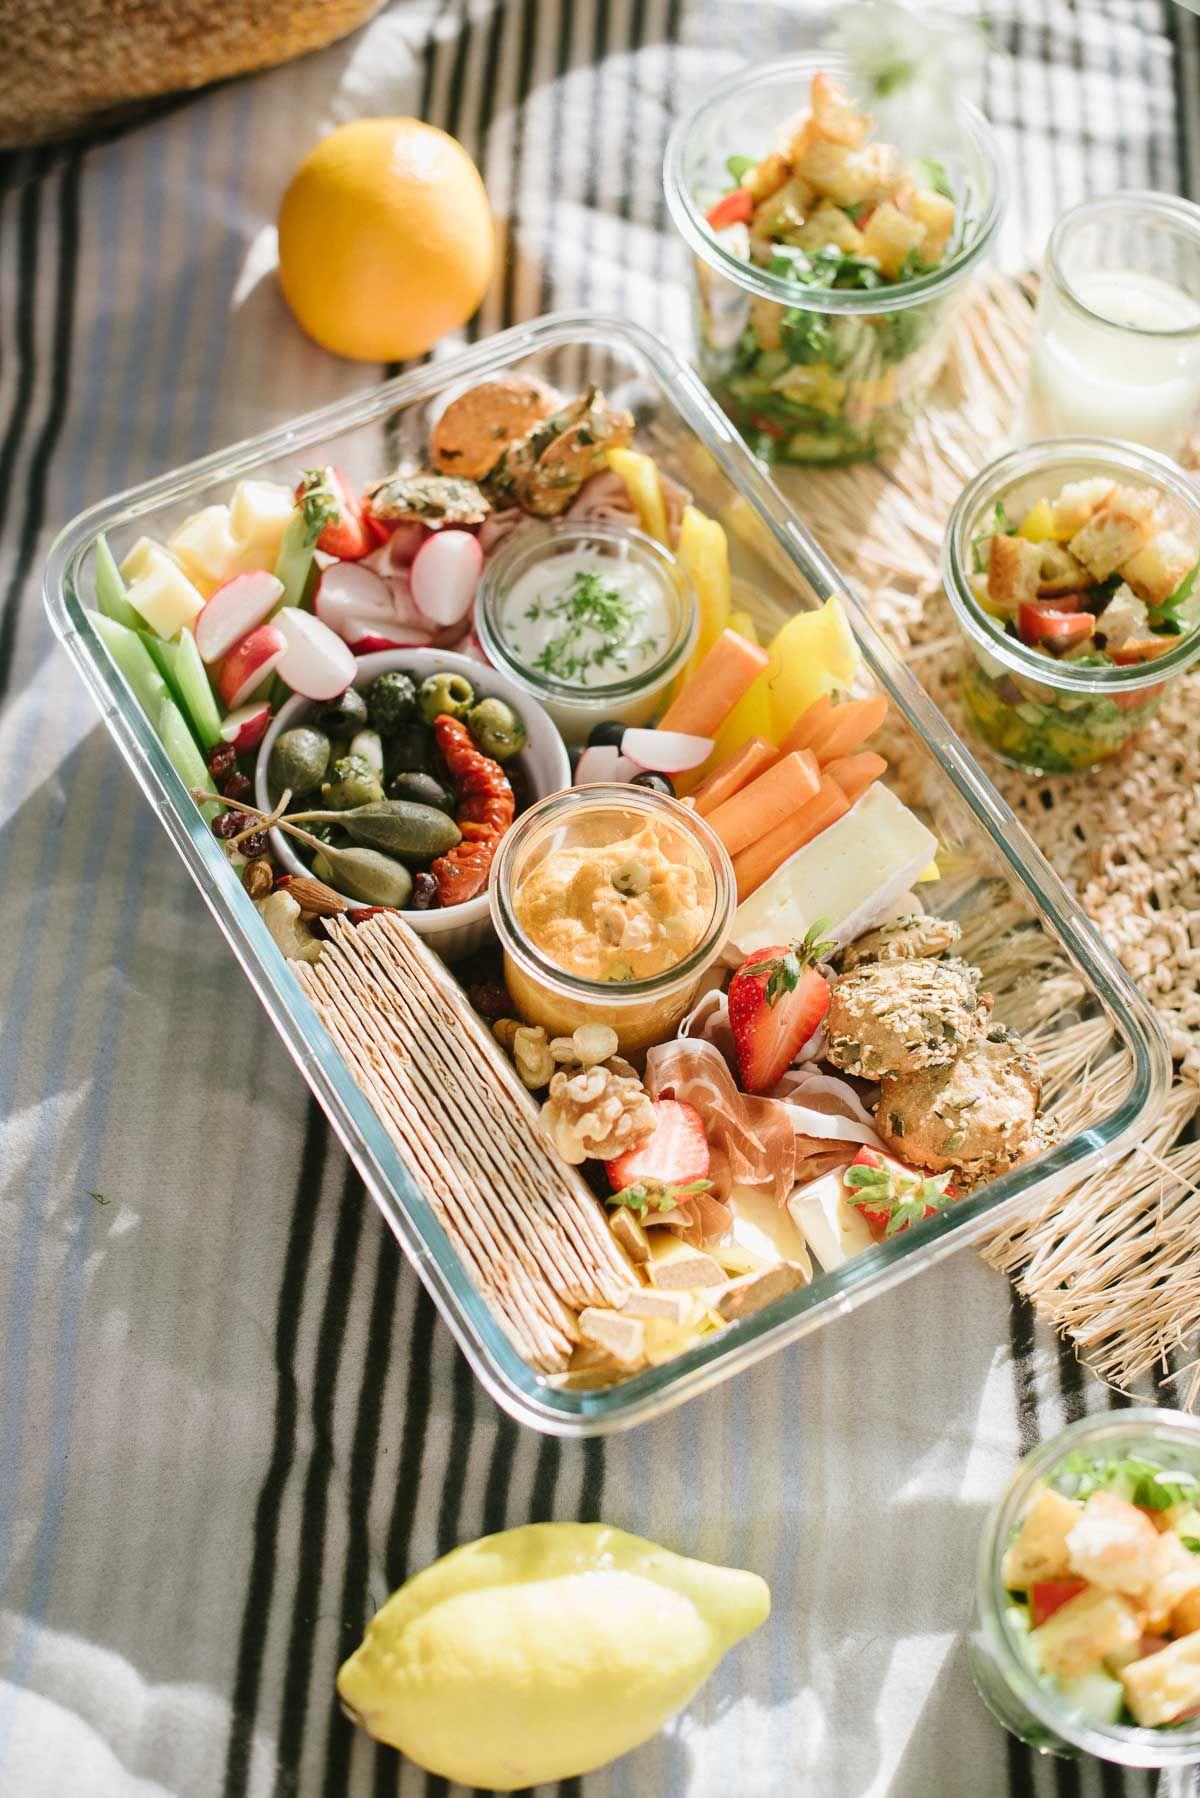 007e3f5e4d0149472df751d42e0aebdc - Picknicken Rezepte